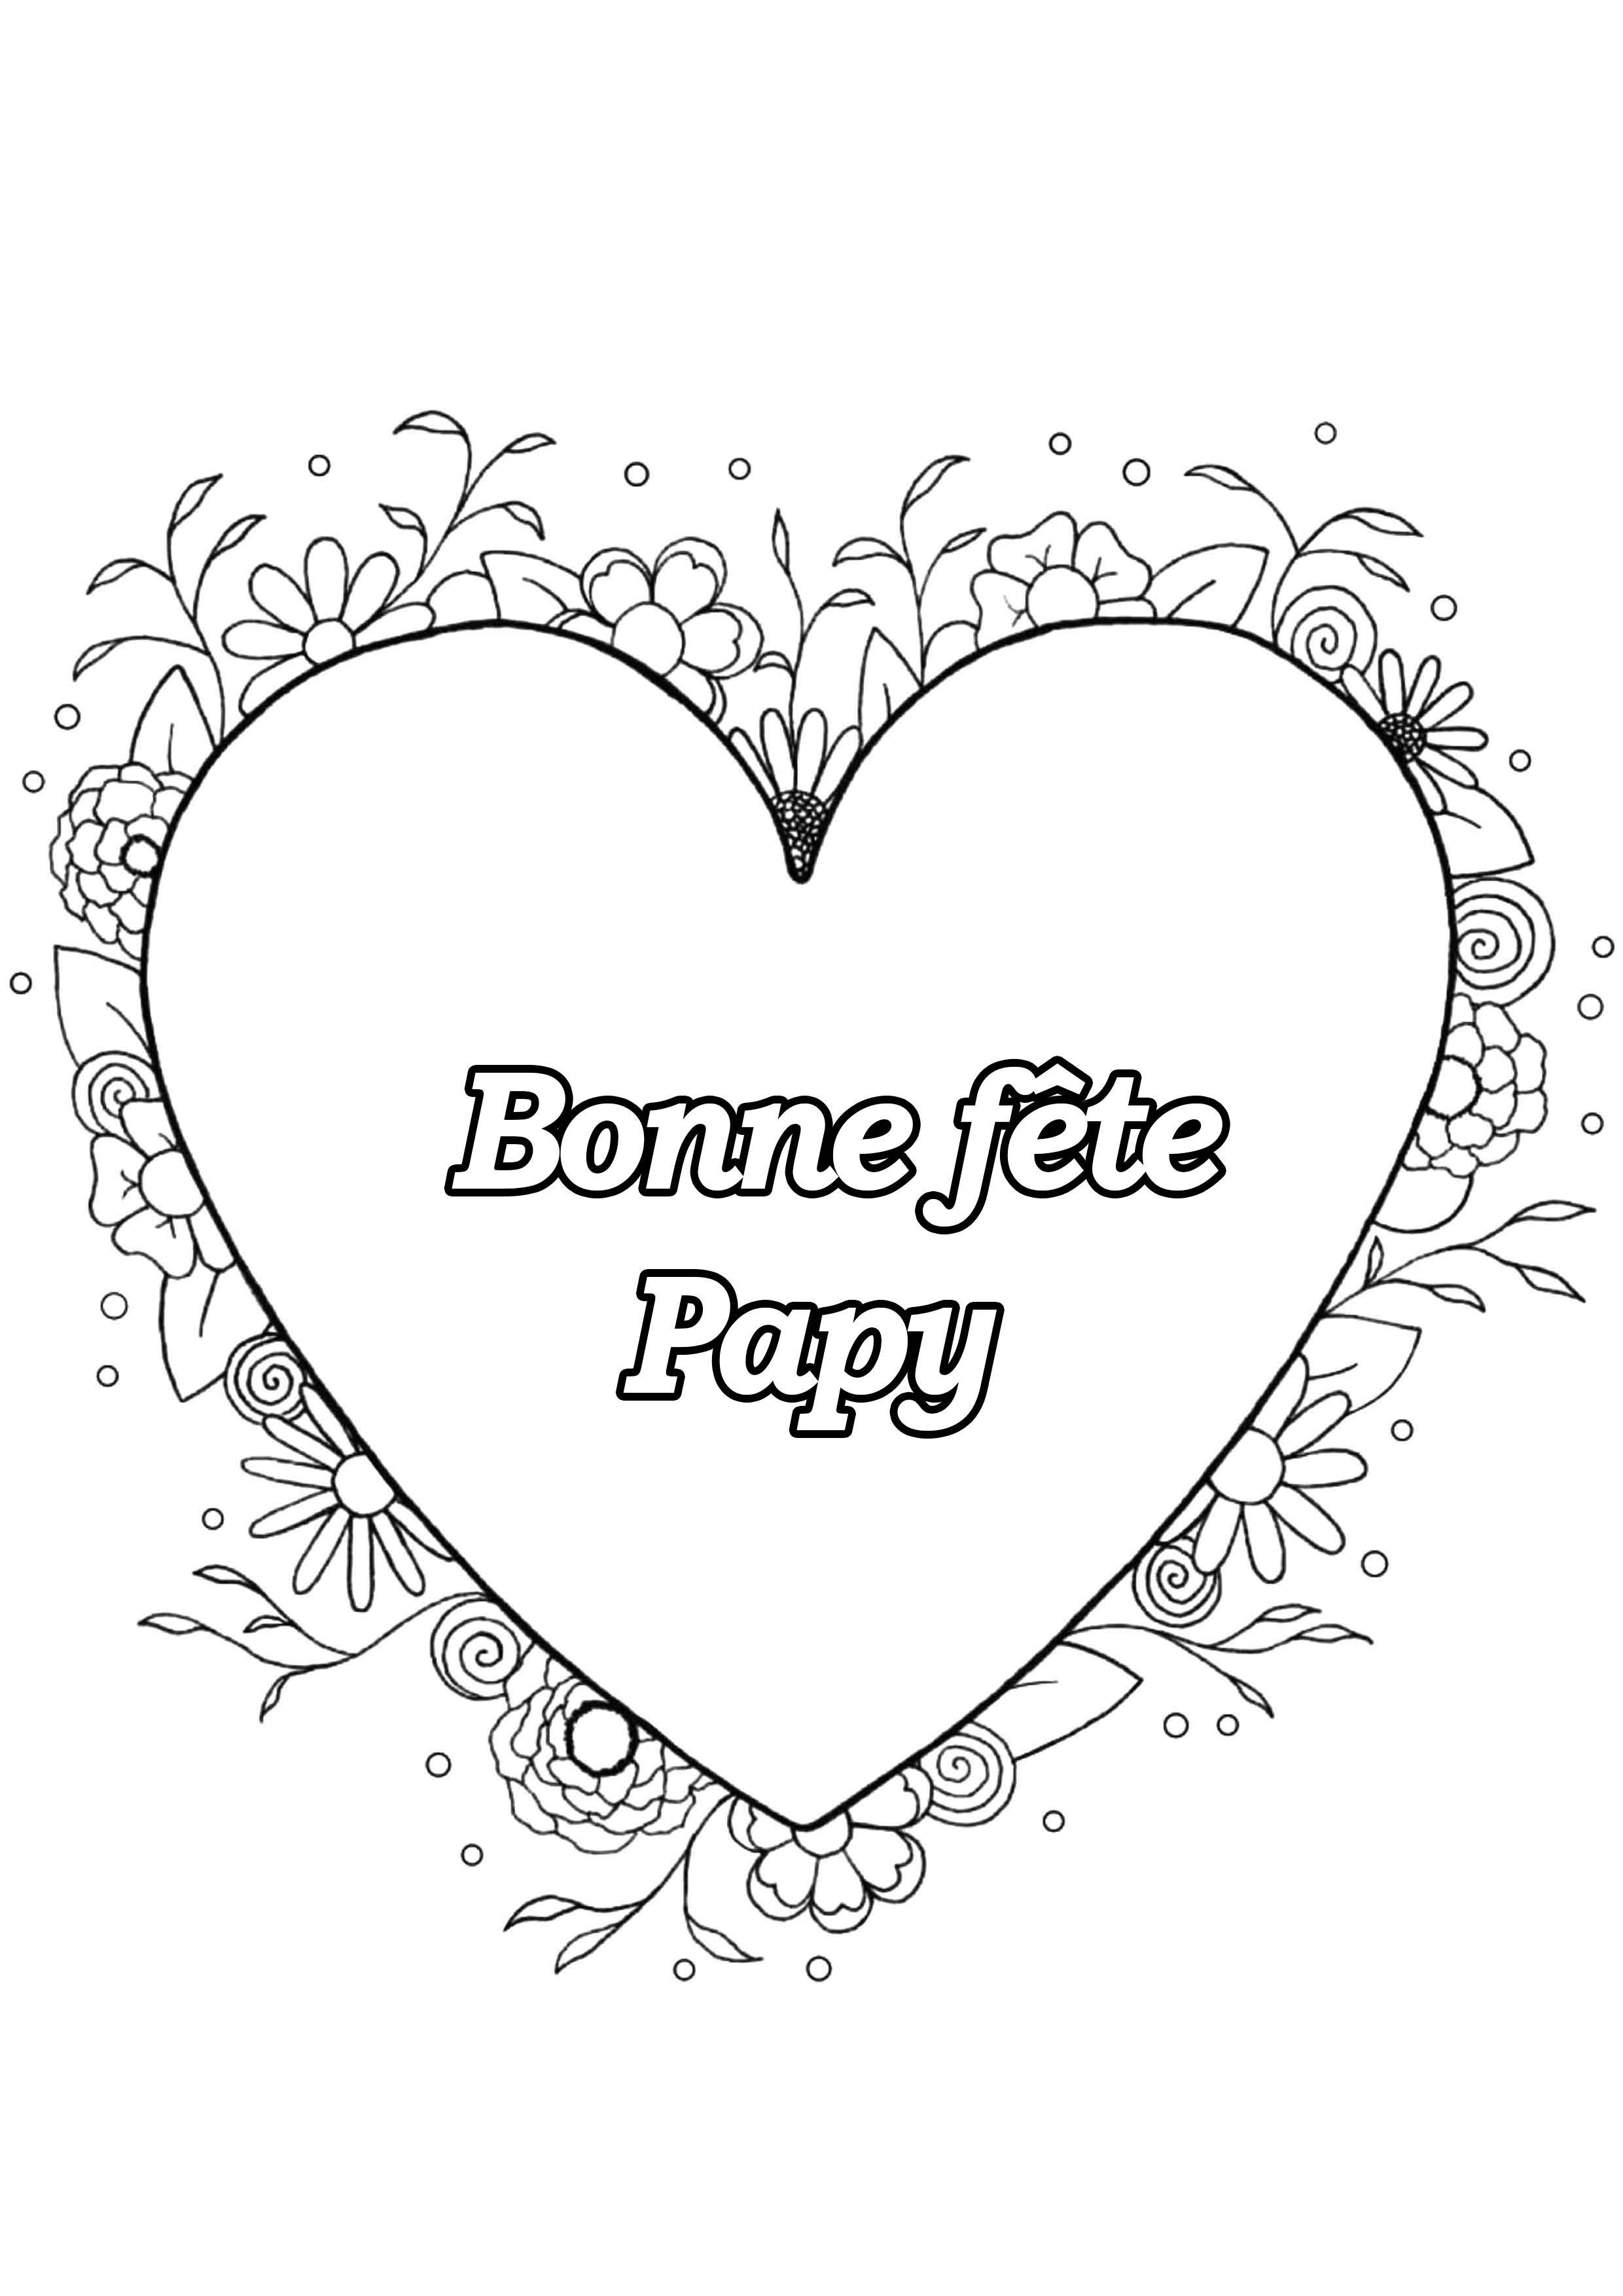 Coloriage spécial Fête des pères : Coeur & fleurs - Bonne fête Papy